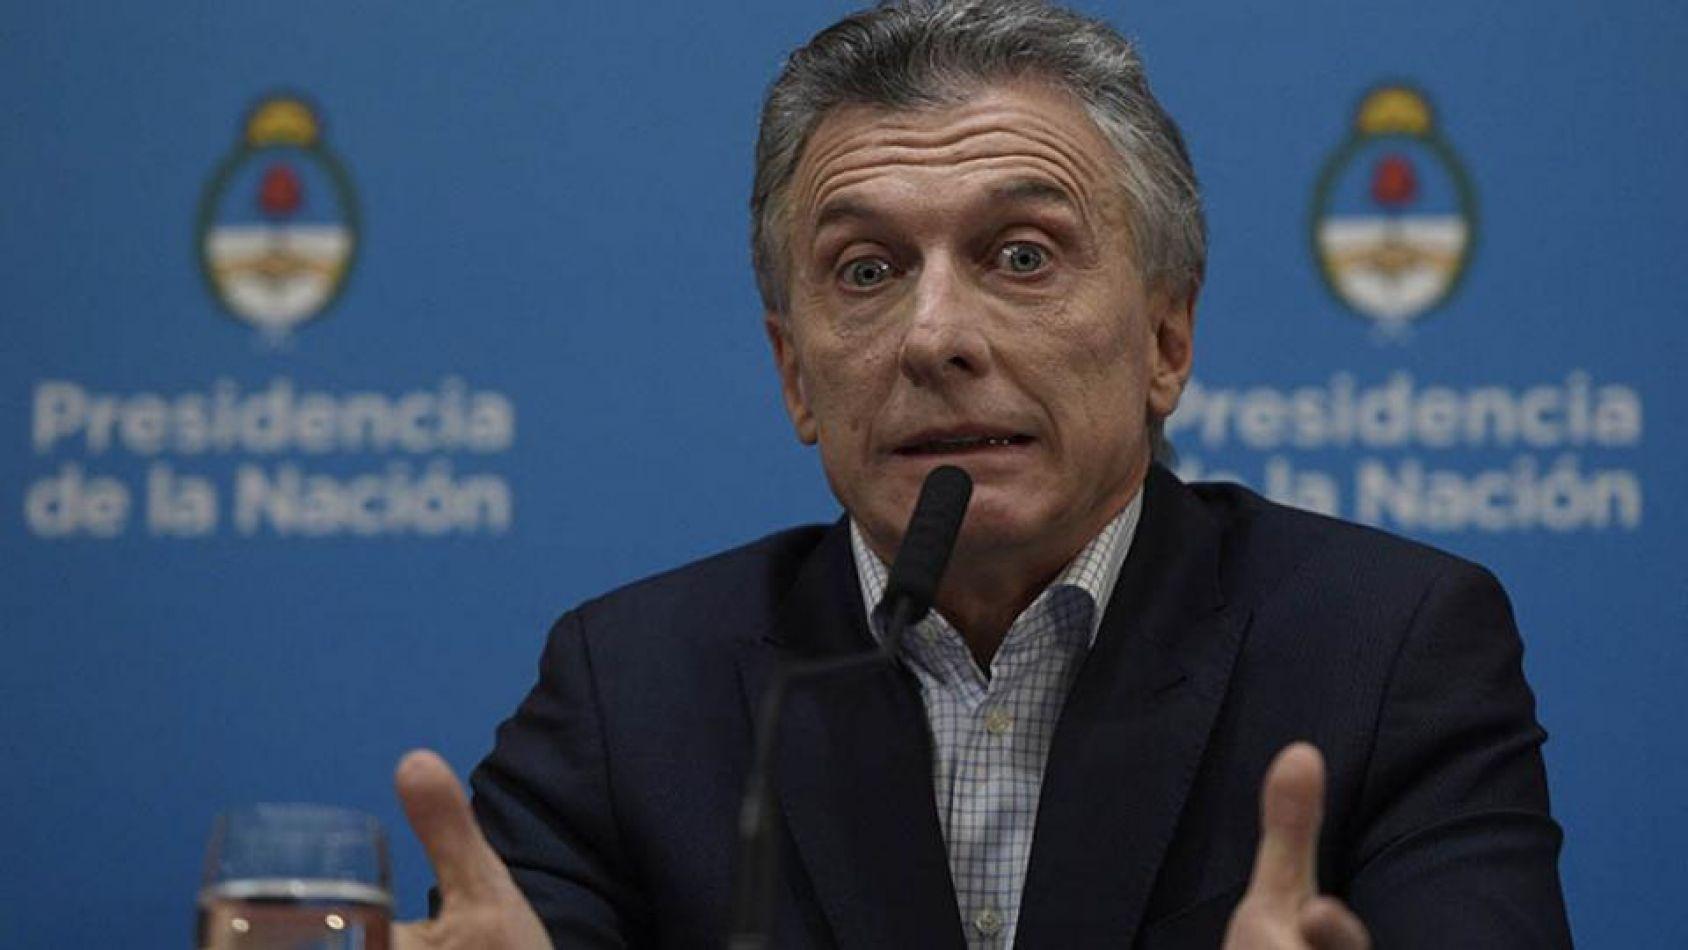 Macri anunció el congelamiento de la nafta por 90 días, el pago de un bono a trabajadores y el incremento en los montos de la AUH